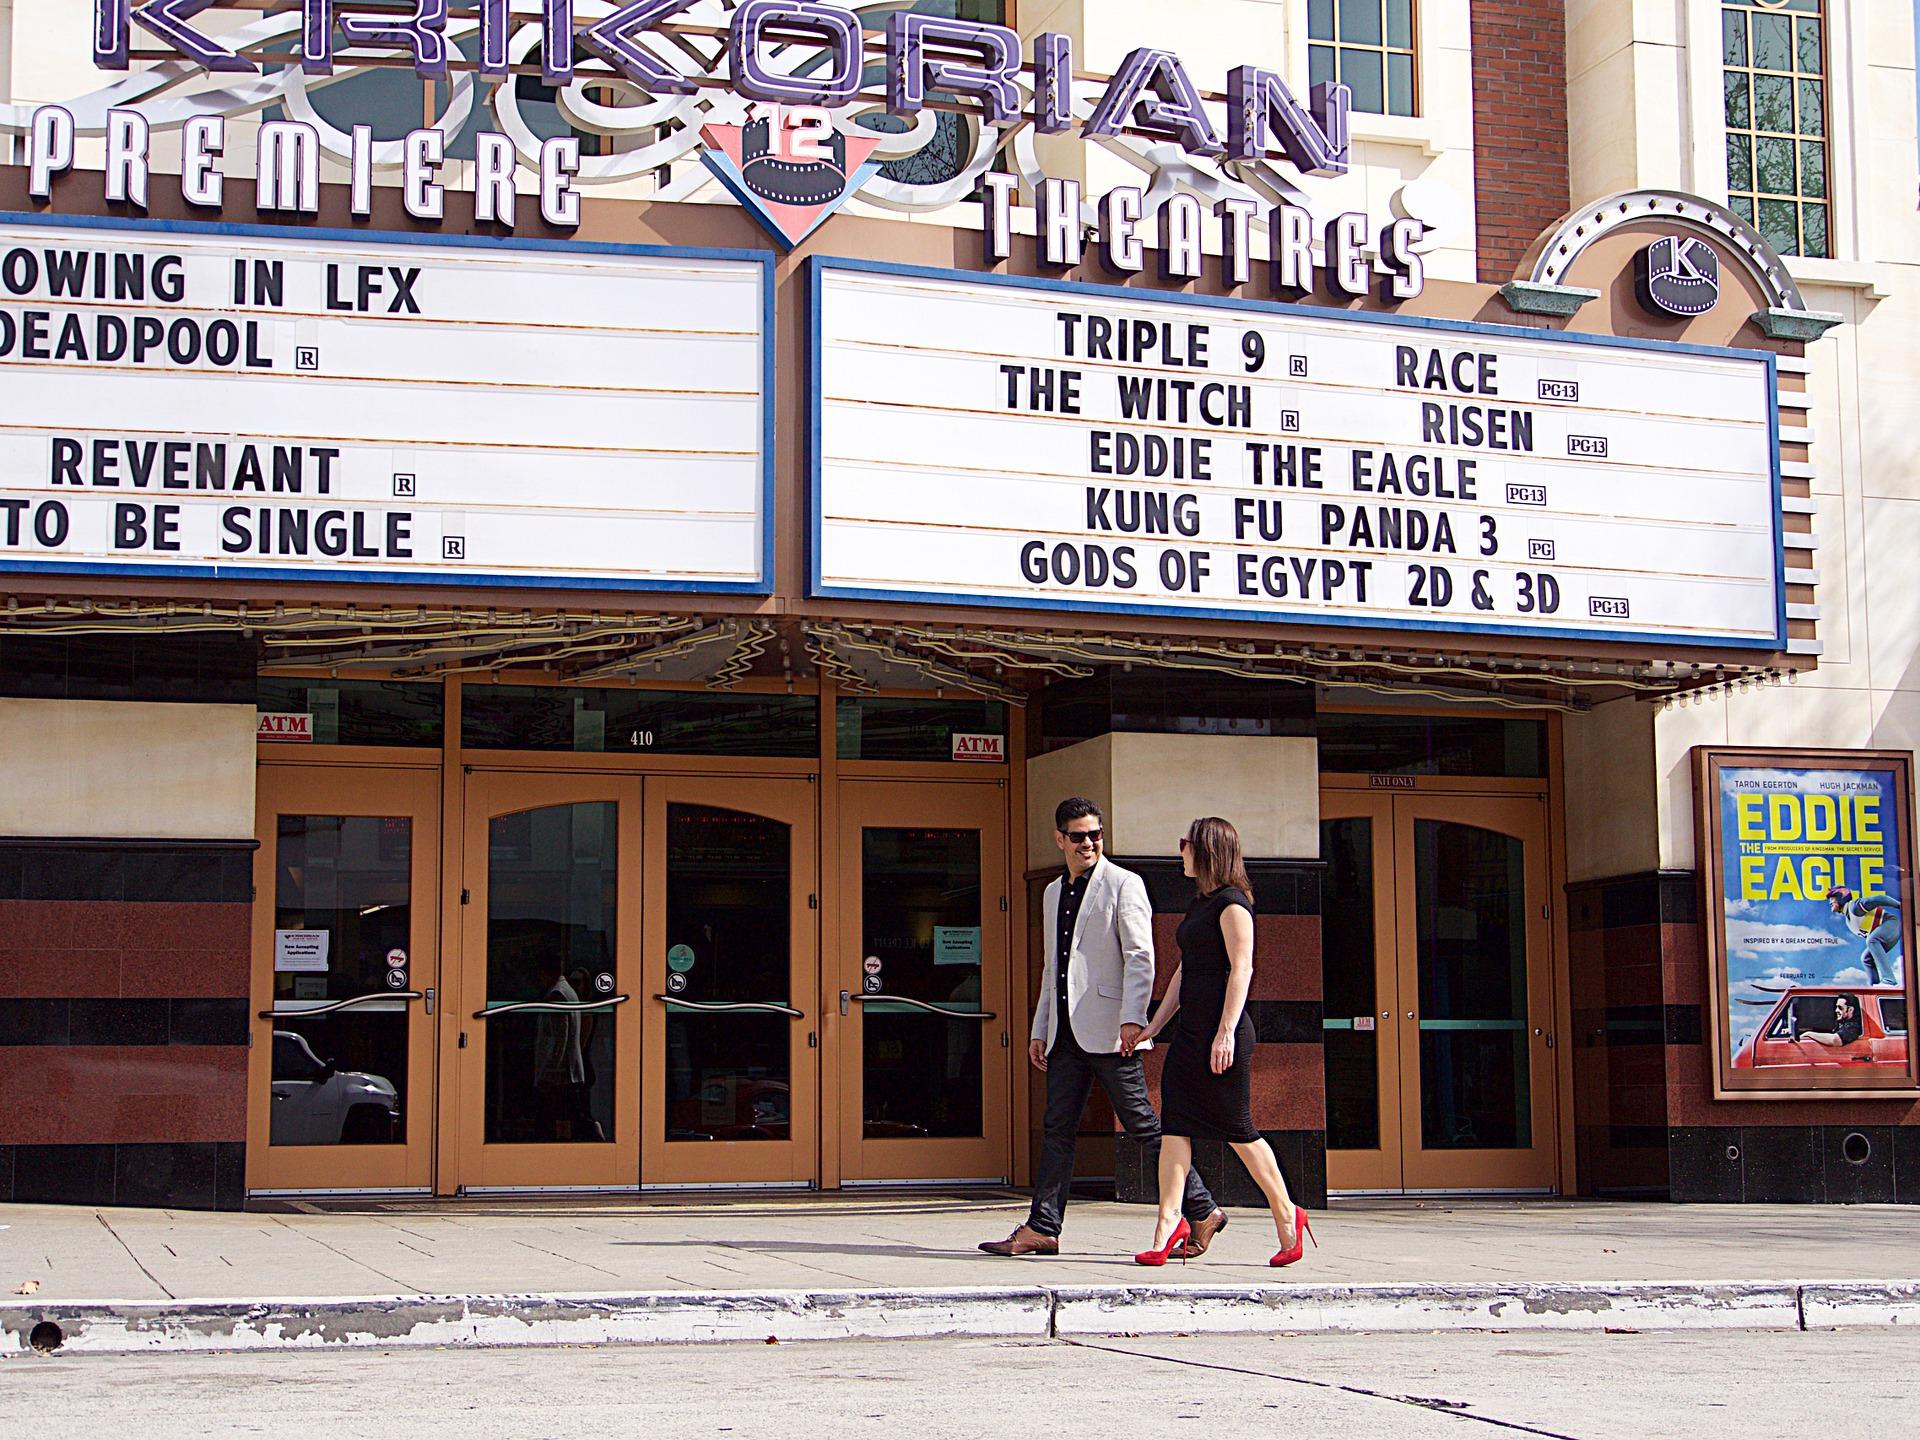 映画館とカップルの画像